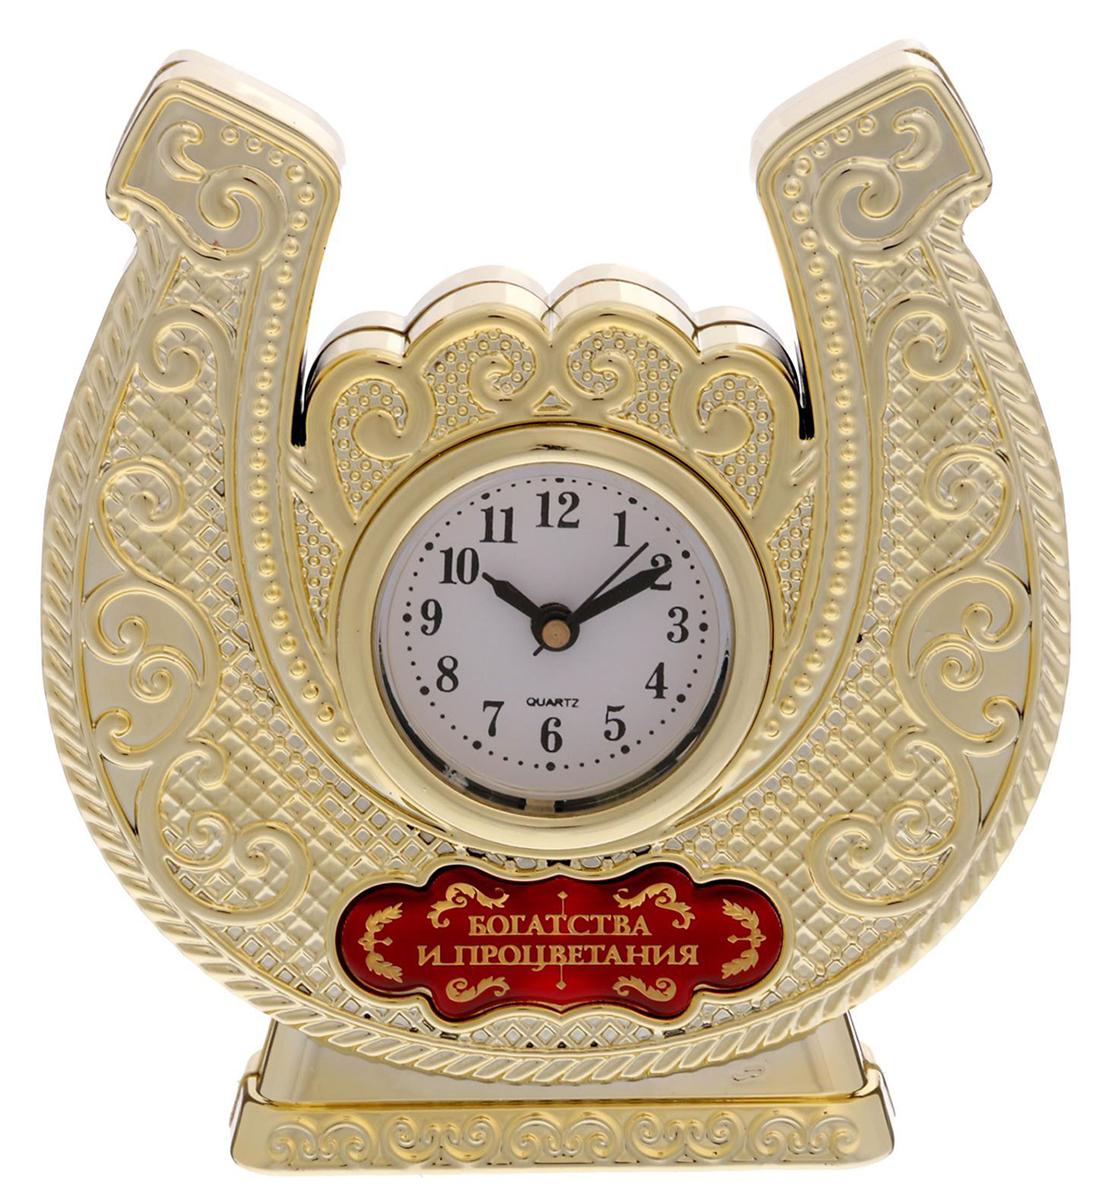 Часы настольные Богатства и процветания, 11,6 х 12,2 см. 16929061692906Время покорять мир Эти часы — прекрасный подарок 2 в 1! Они помогут правильно всё спланировать, а подкова принесёт удачу в делах и начинаниях. Фигурная статуэтка украшена шильдиком с добрым пожеланием, на обратной стороне выгравирована мотивирующая надпись. Инструкция Аккуратно достаньте механизм с циферблатом из корпуса. Установите время с помощью колёсика. Вставьте механизм обратно. Часы работают от батареек AG 13. Сувенир преподносится в подарочной коробочке с прозрачным окном.